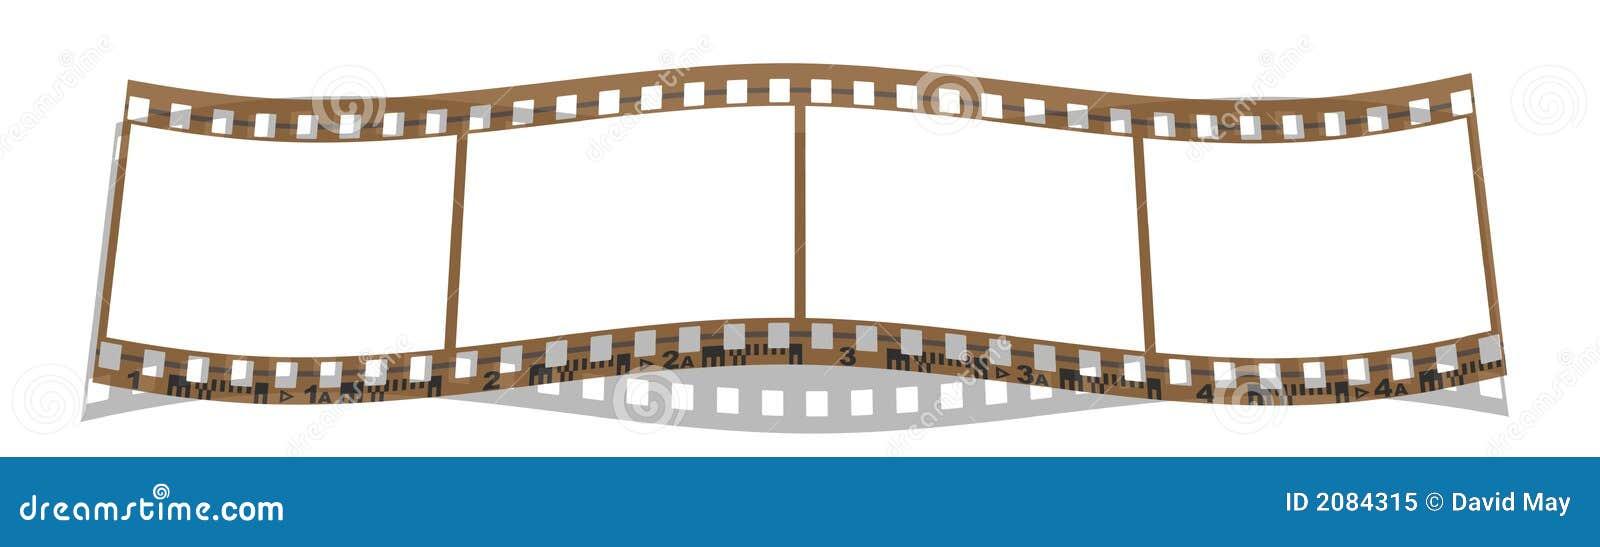 Film strip 4 frames stock illustration. Illustration of pictures ...